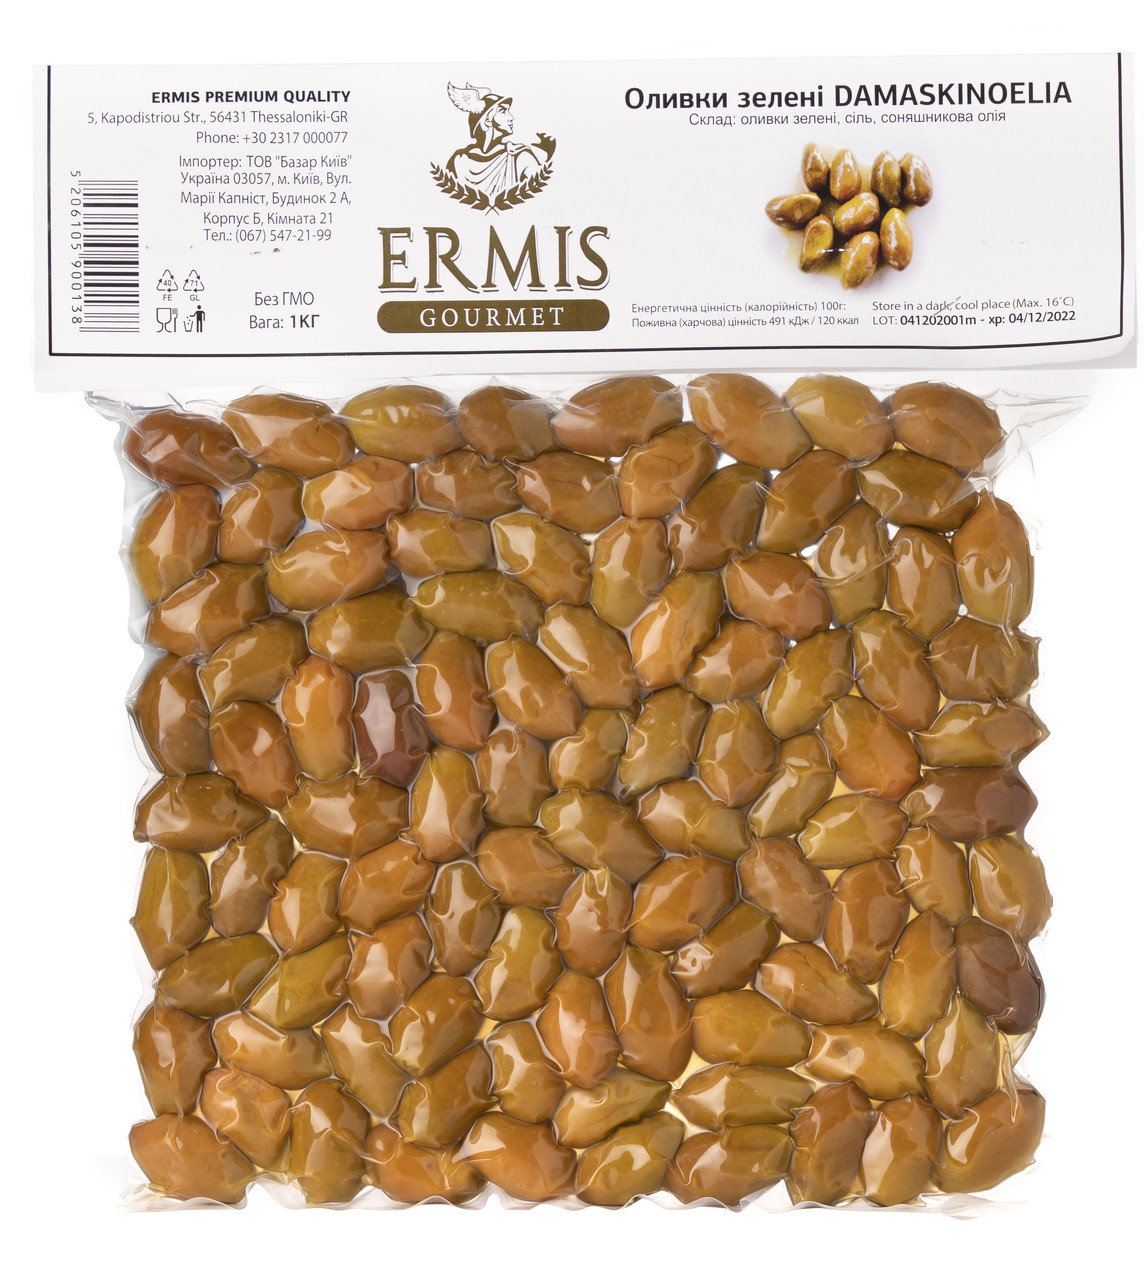 Оливки зелені DAMASKINOELIA, 1кг.